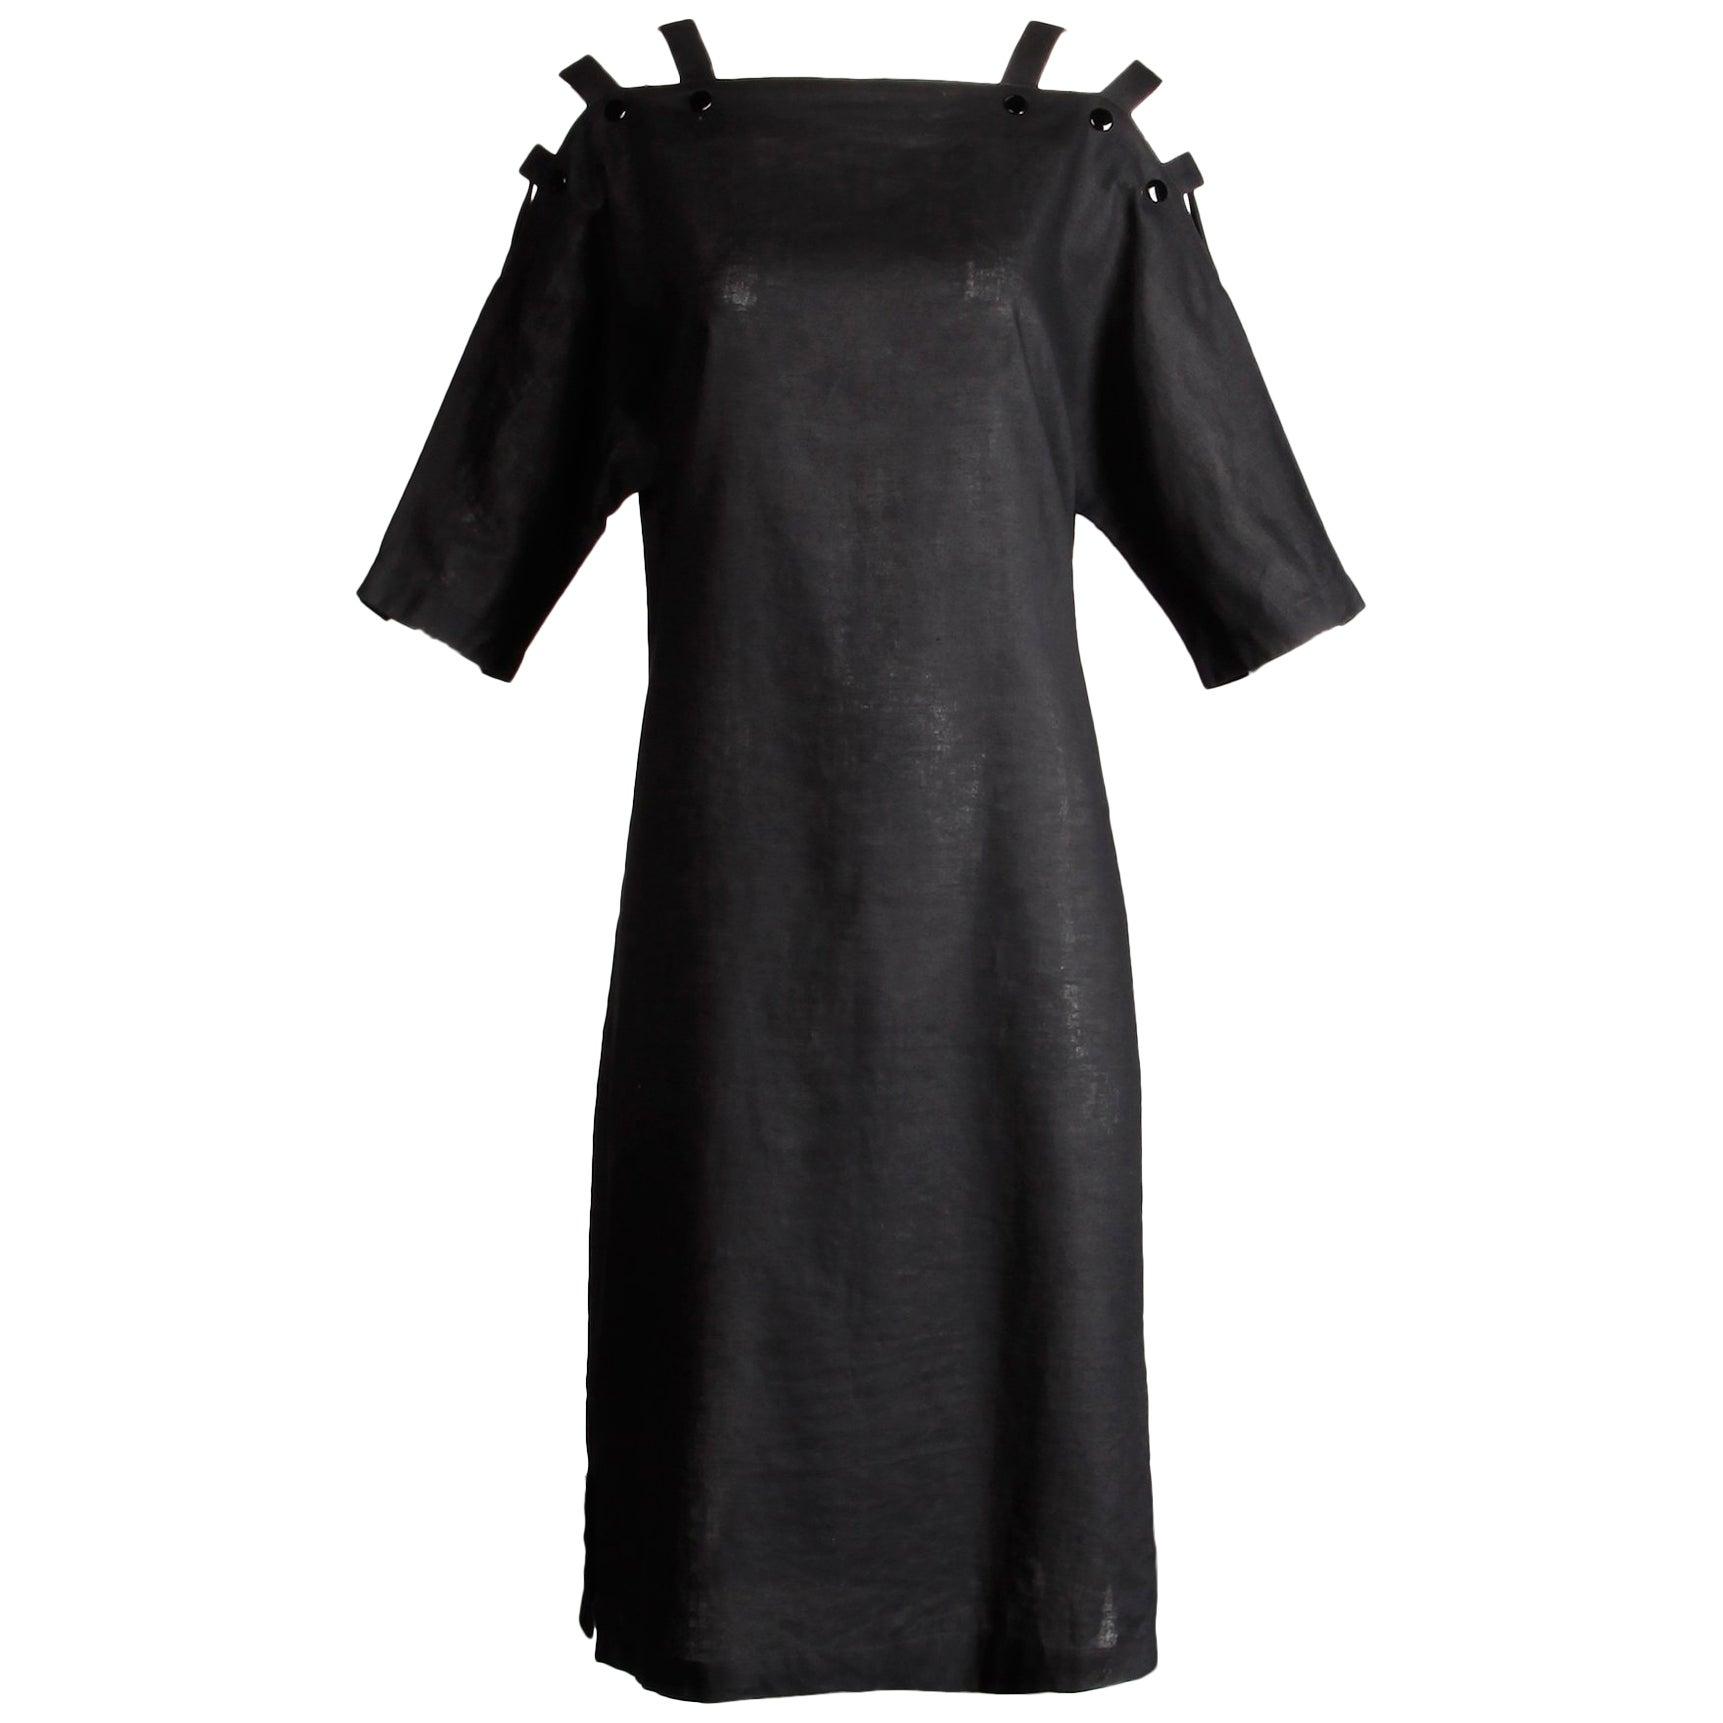 Pierre Cardin Avant Garde Black Cut Out Cage Cold Shoulder Tunic Dress, 1980s